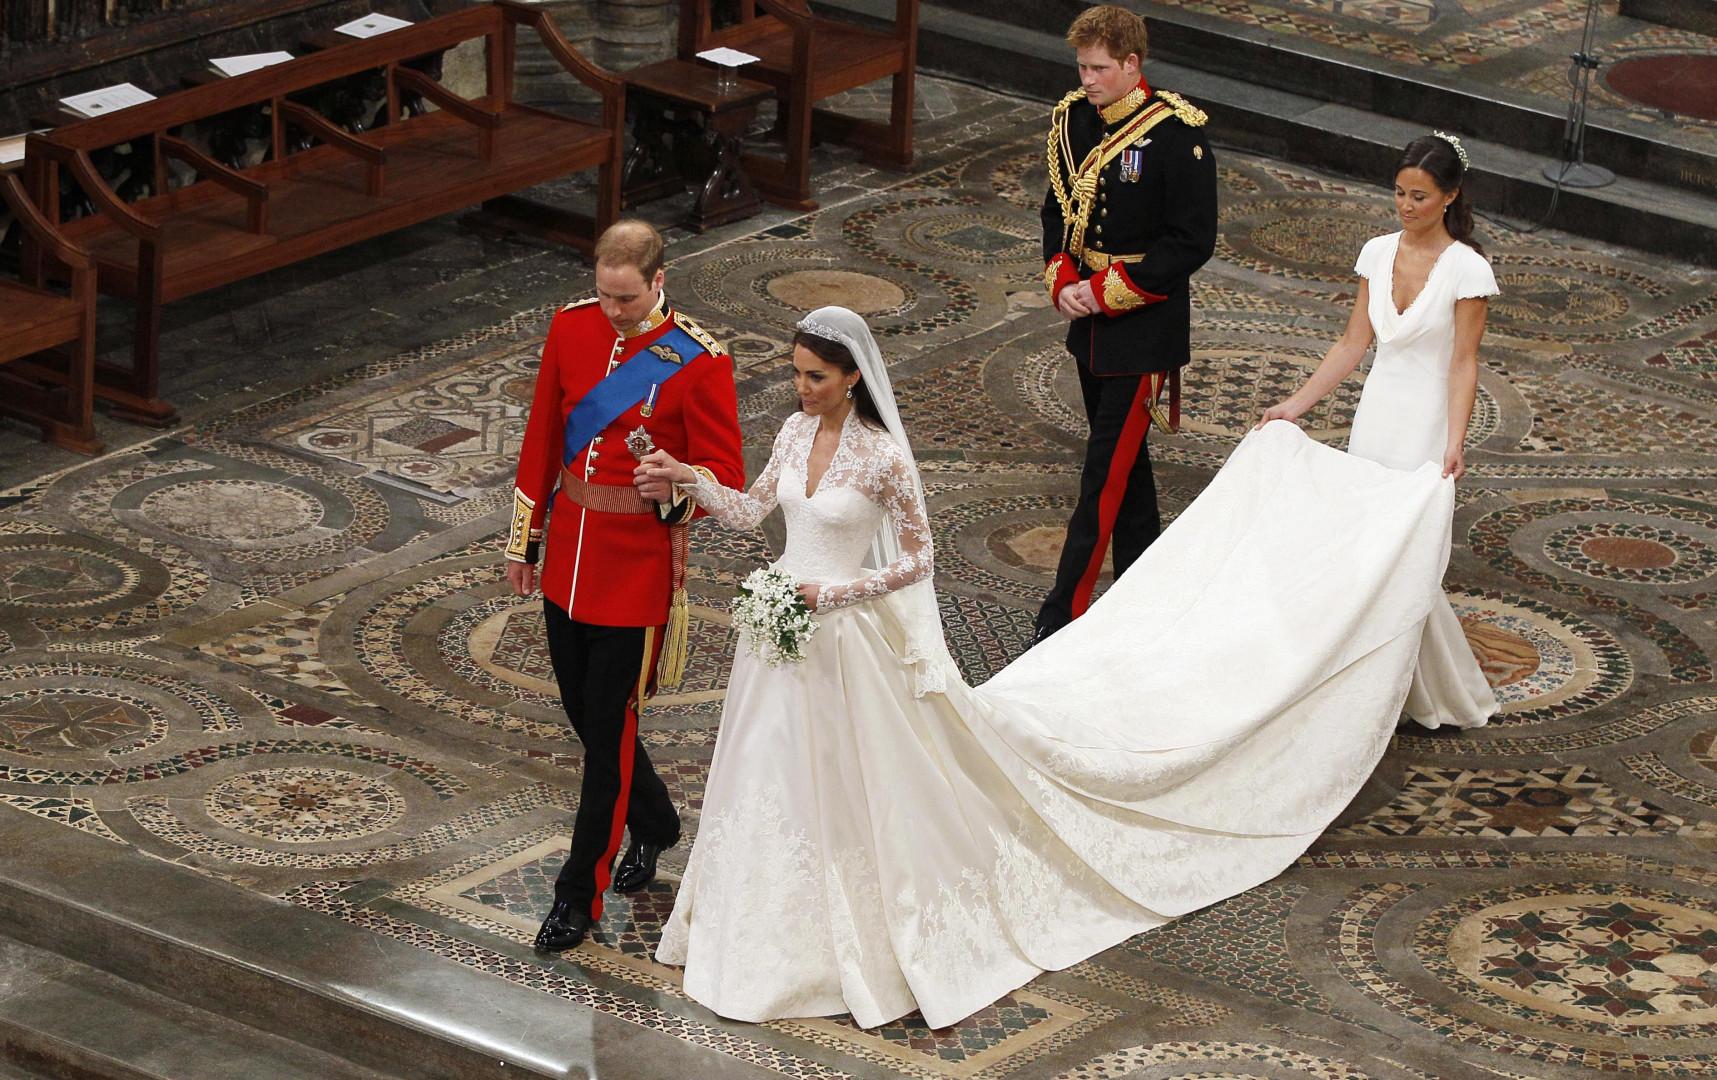 Le mariage princier célébré le 24 avril 2011